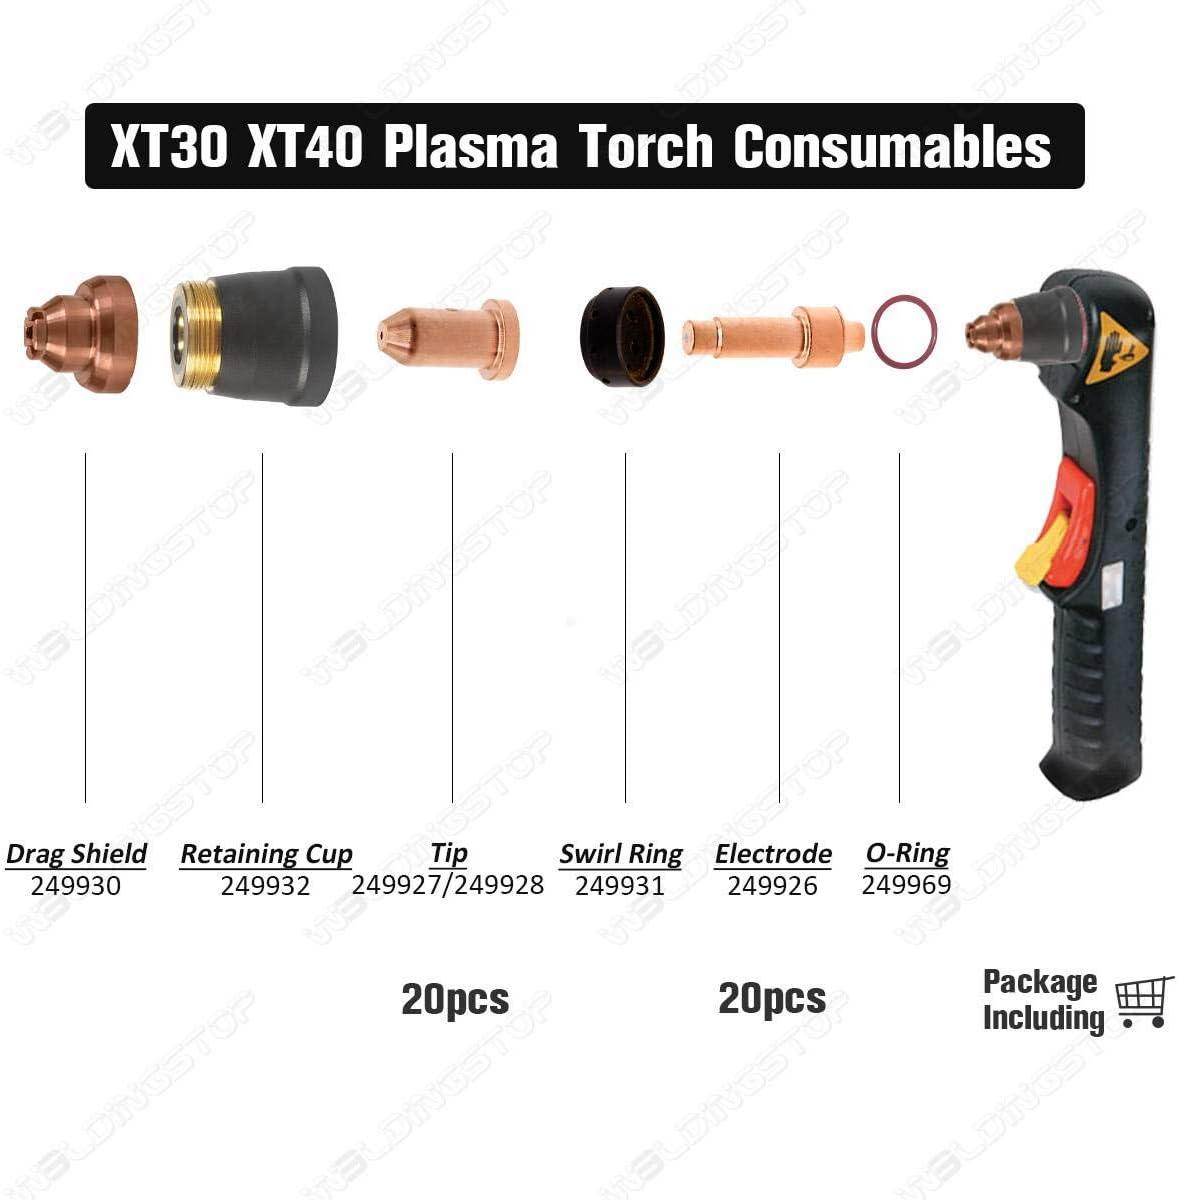 PK//40 XT40 Torch Electrode 249926 Tip//Nozzle 249927 249928 fit Miller Plasma Consumables Kit